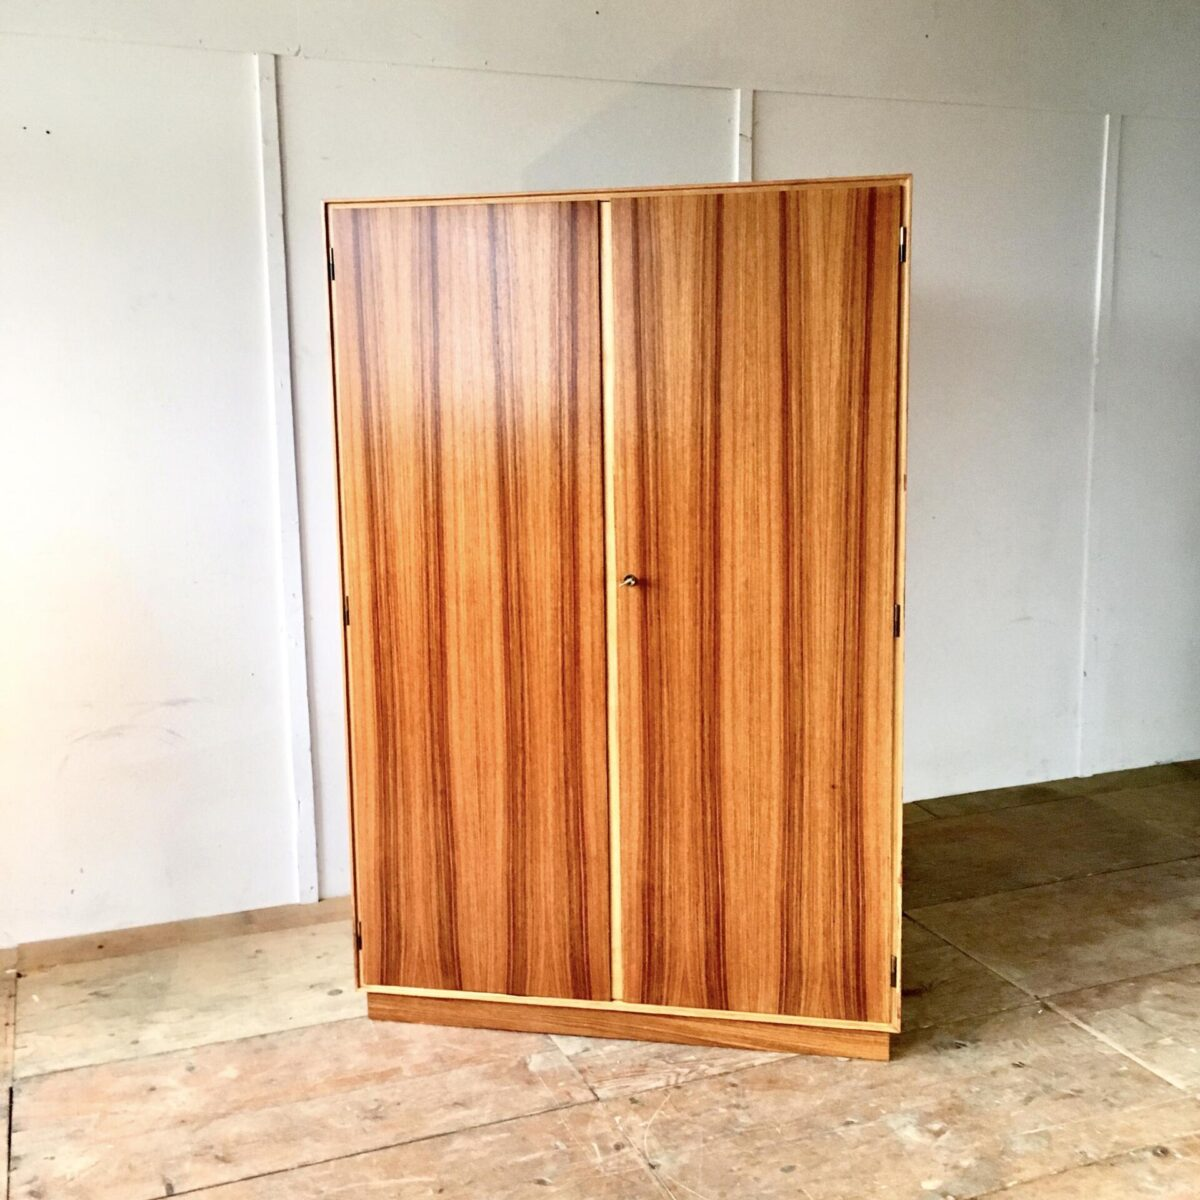 Vintage Palisander Kleiderschrank von maerki-bapst Zürich. 110cm breit 60cm tief 167cm hoch preis pro Schrank. Kleiderschrank 50er/60er Jahre. Innenraum mit Kleiderstange Talaren und Spiegel.